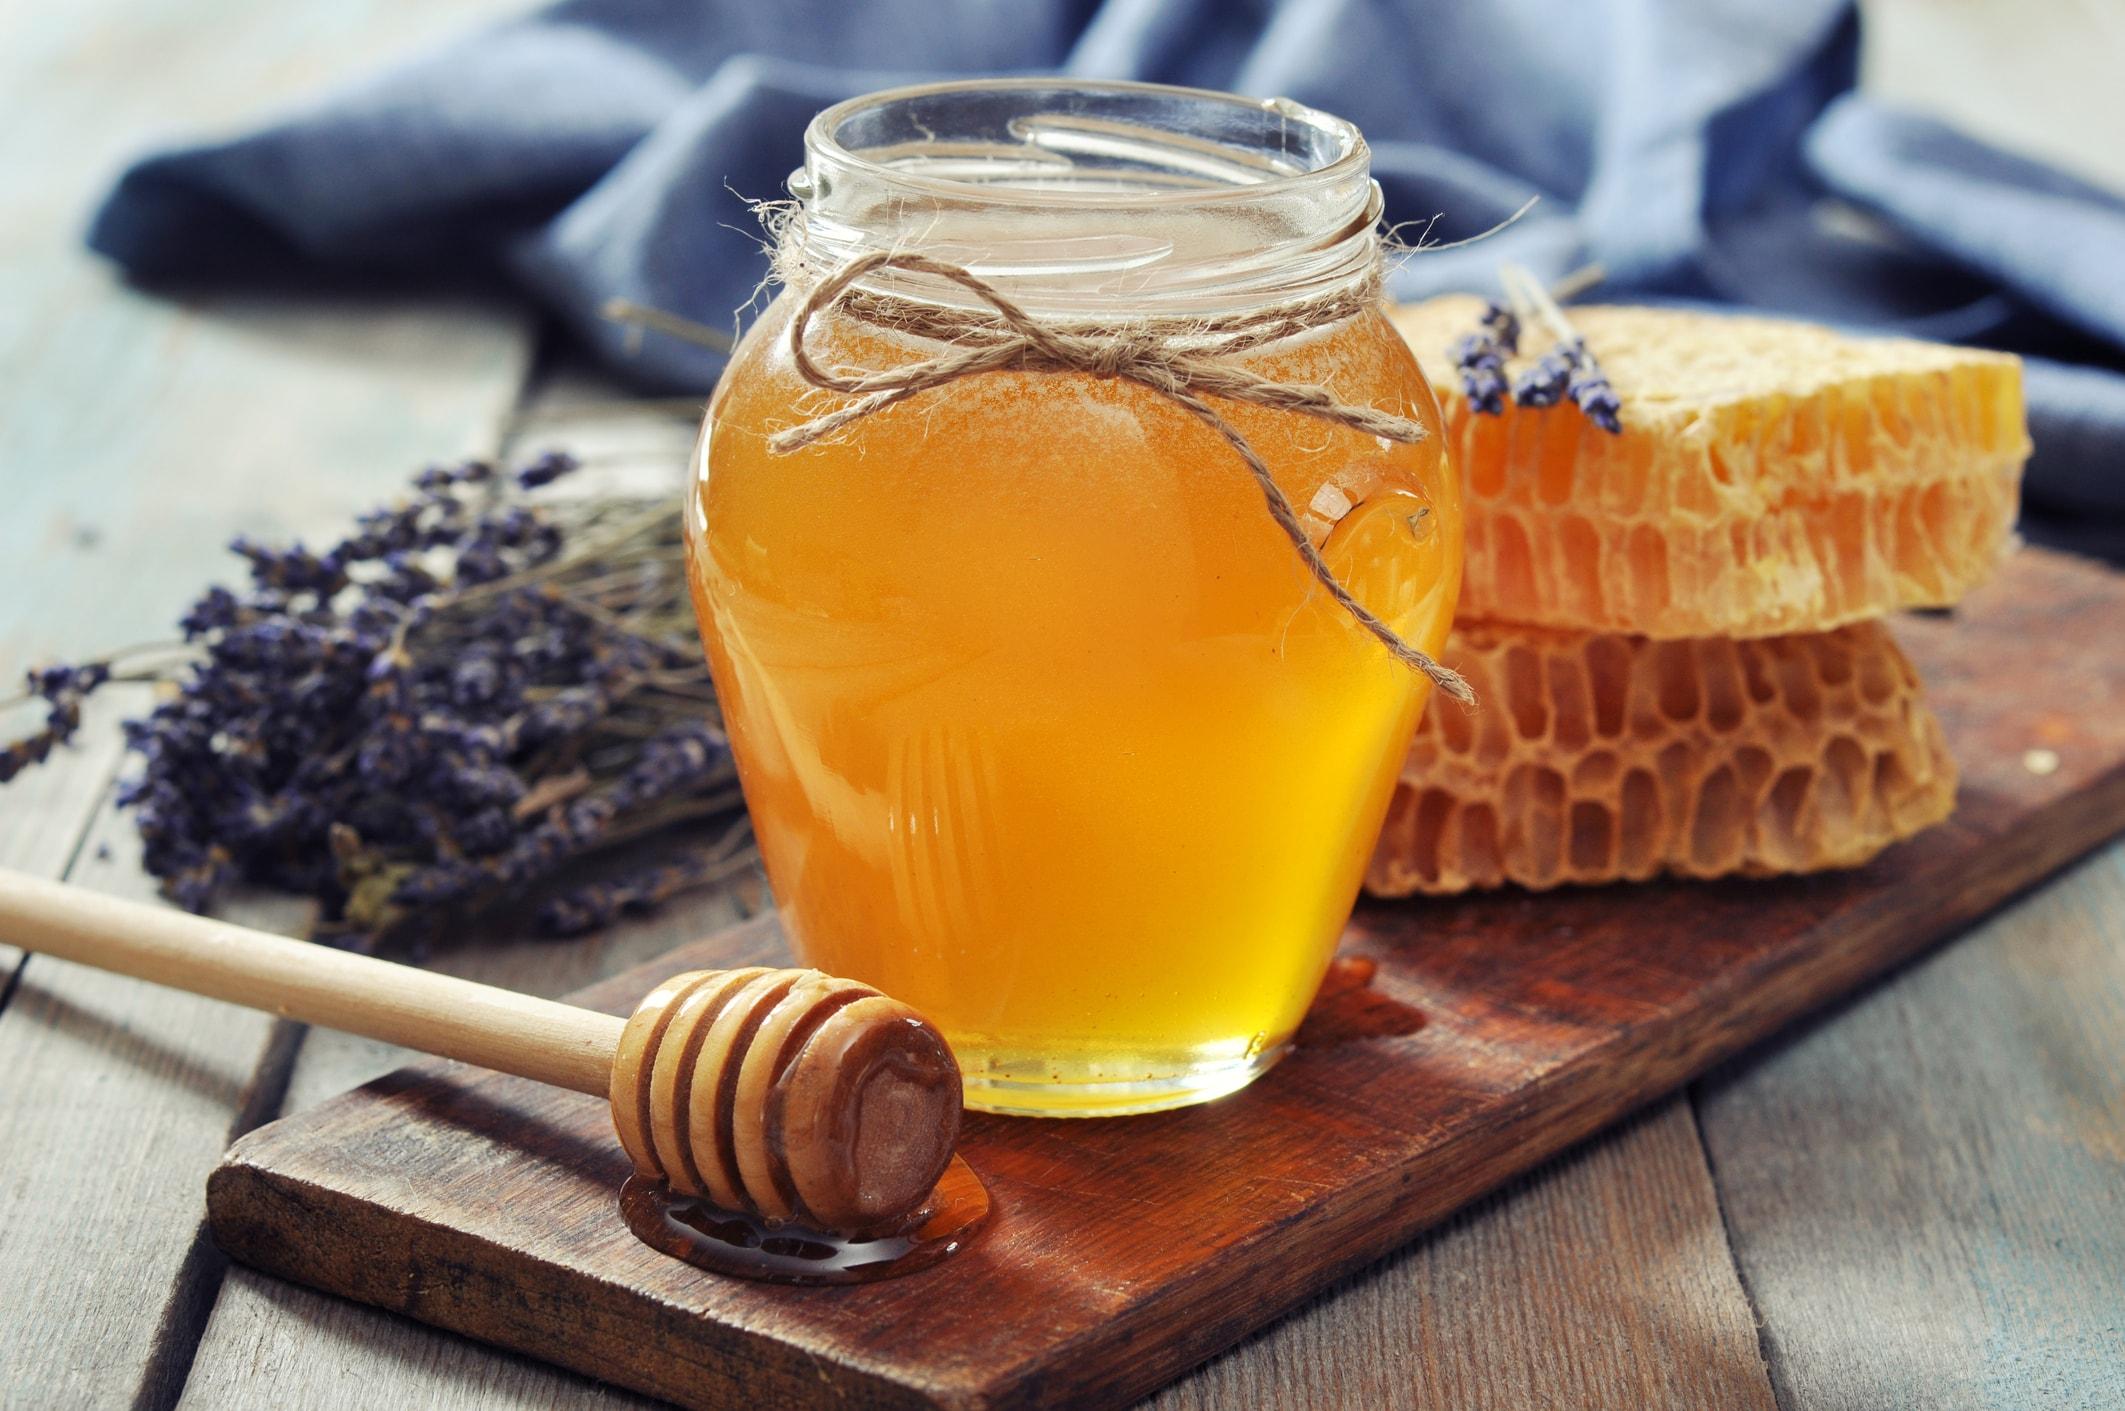 Honig auf dem Tisch